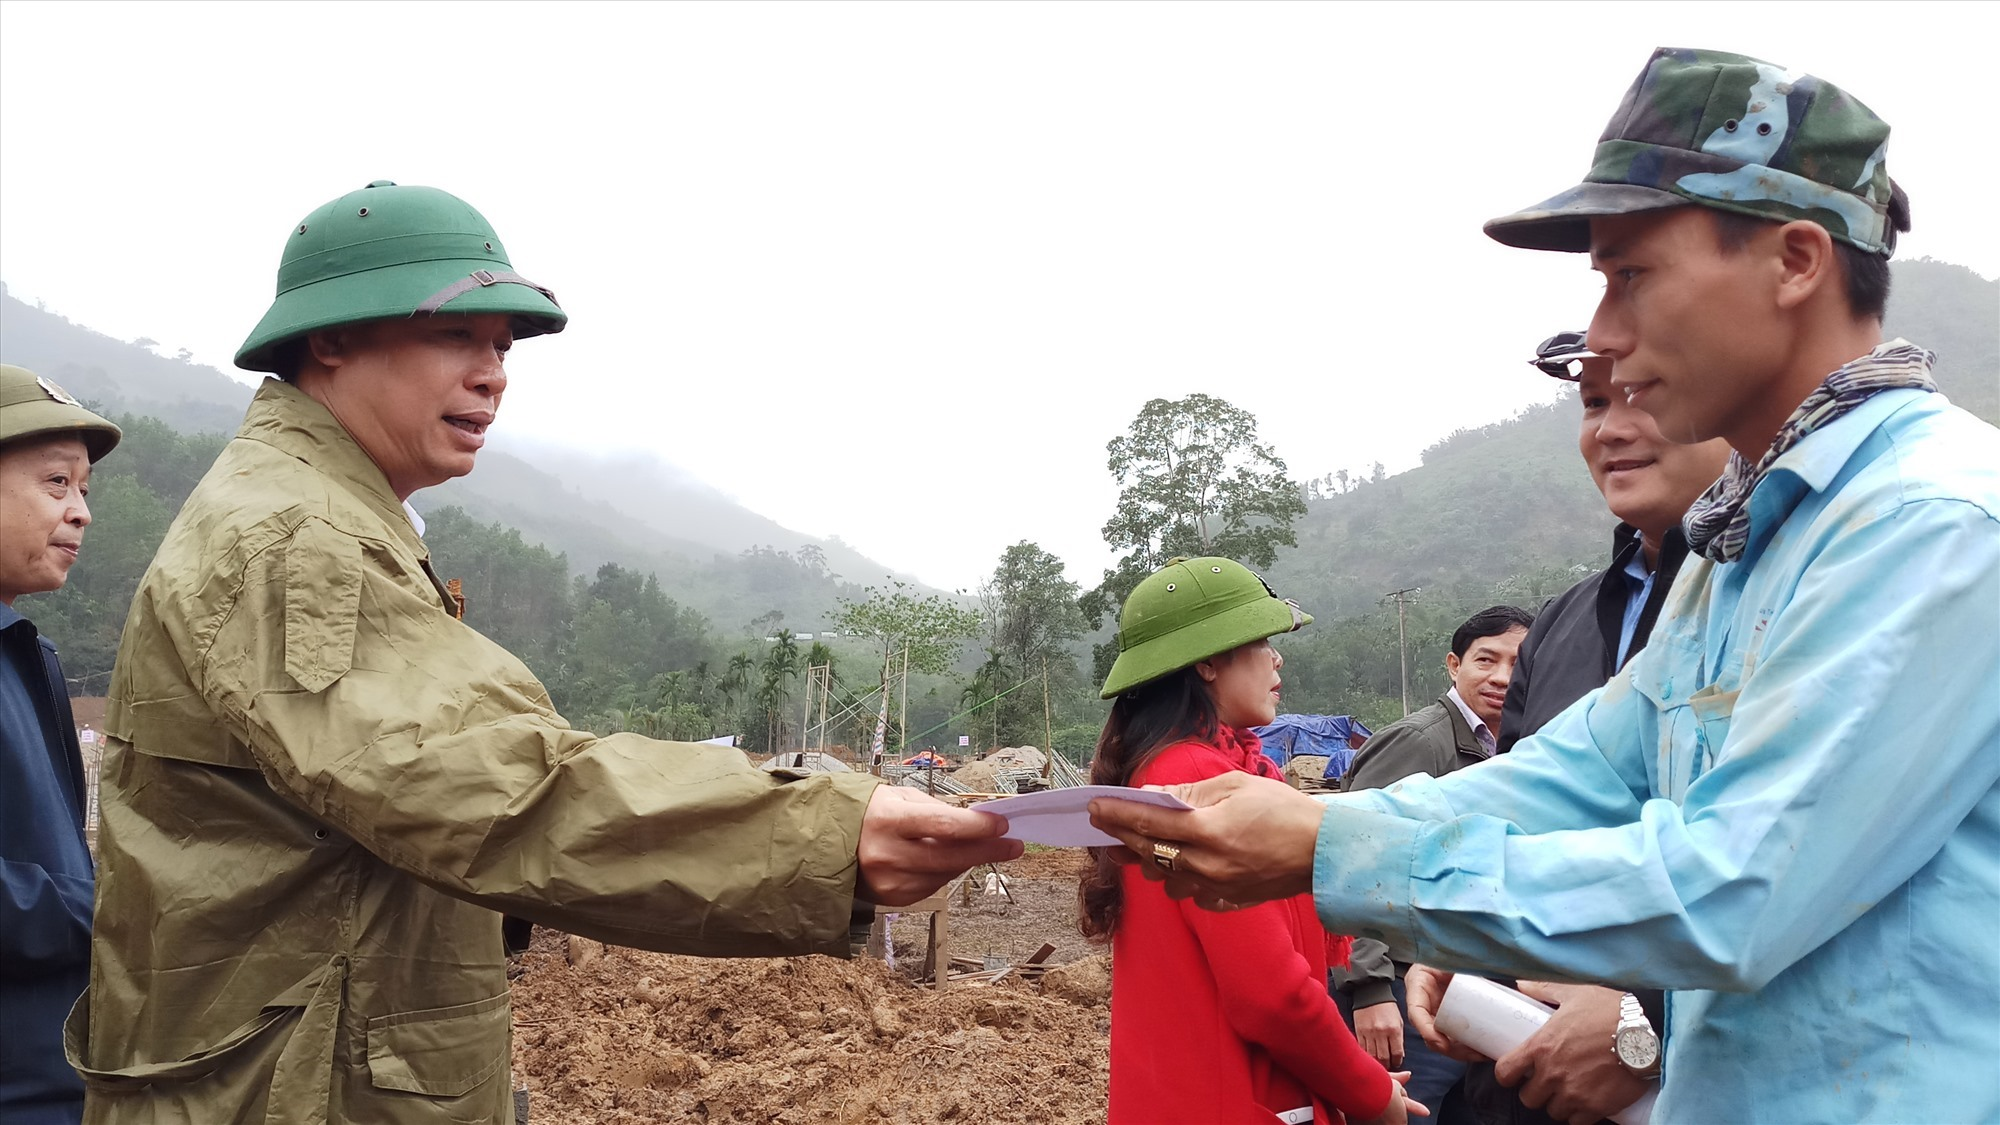 Phó Chủ tịch UBND tỉnh Hòi Quang Bửu trao quà động viên công nhân trực tiếp thi công công trình. Ảnh: A.N